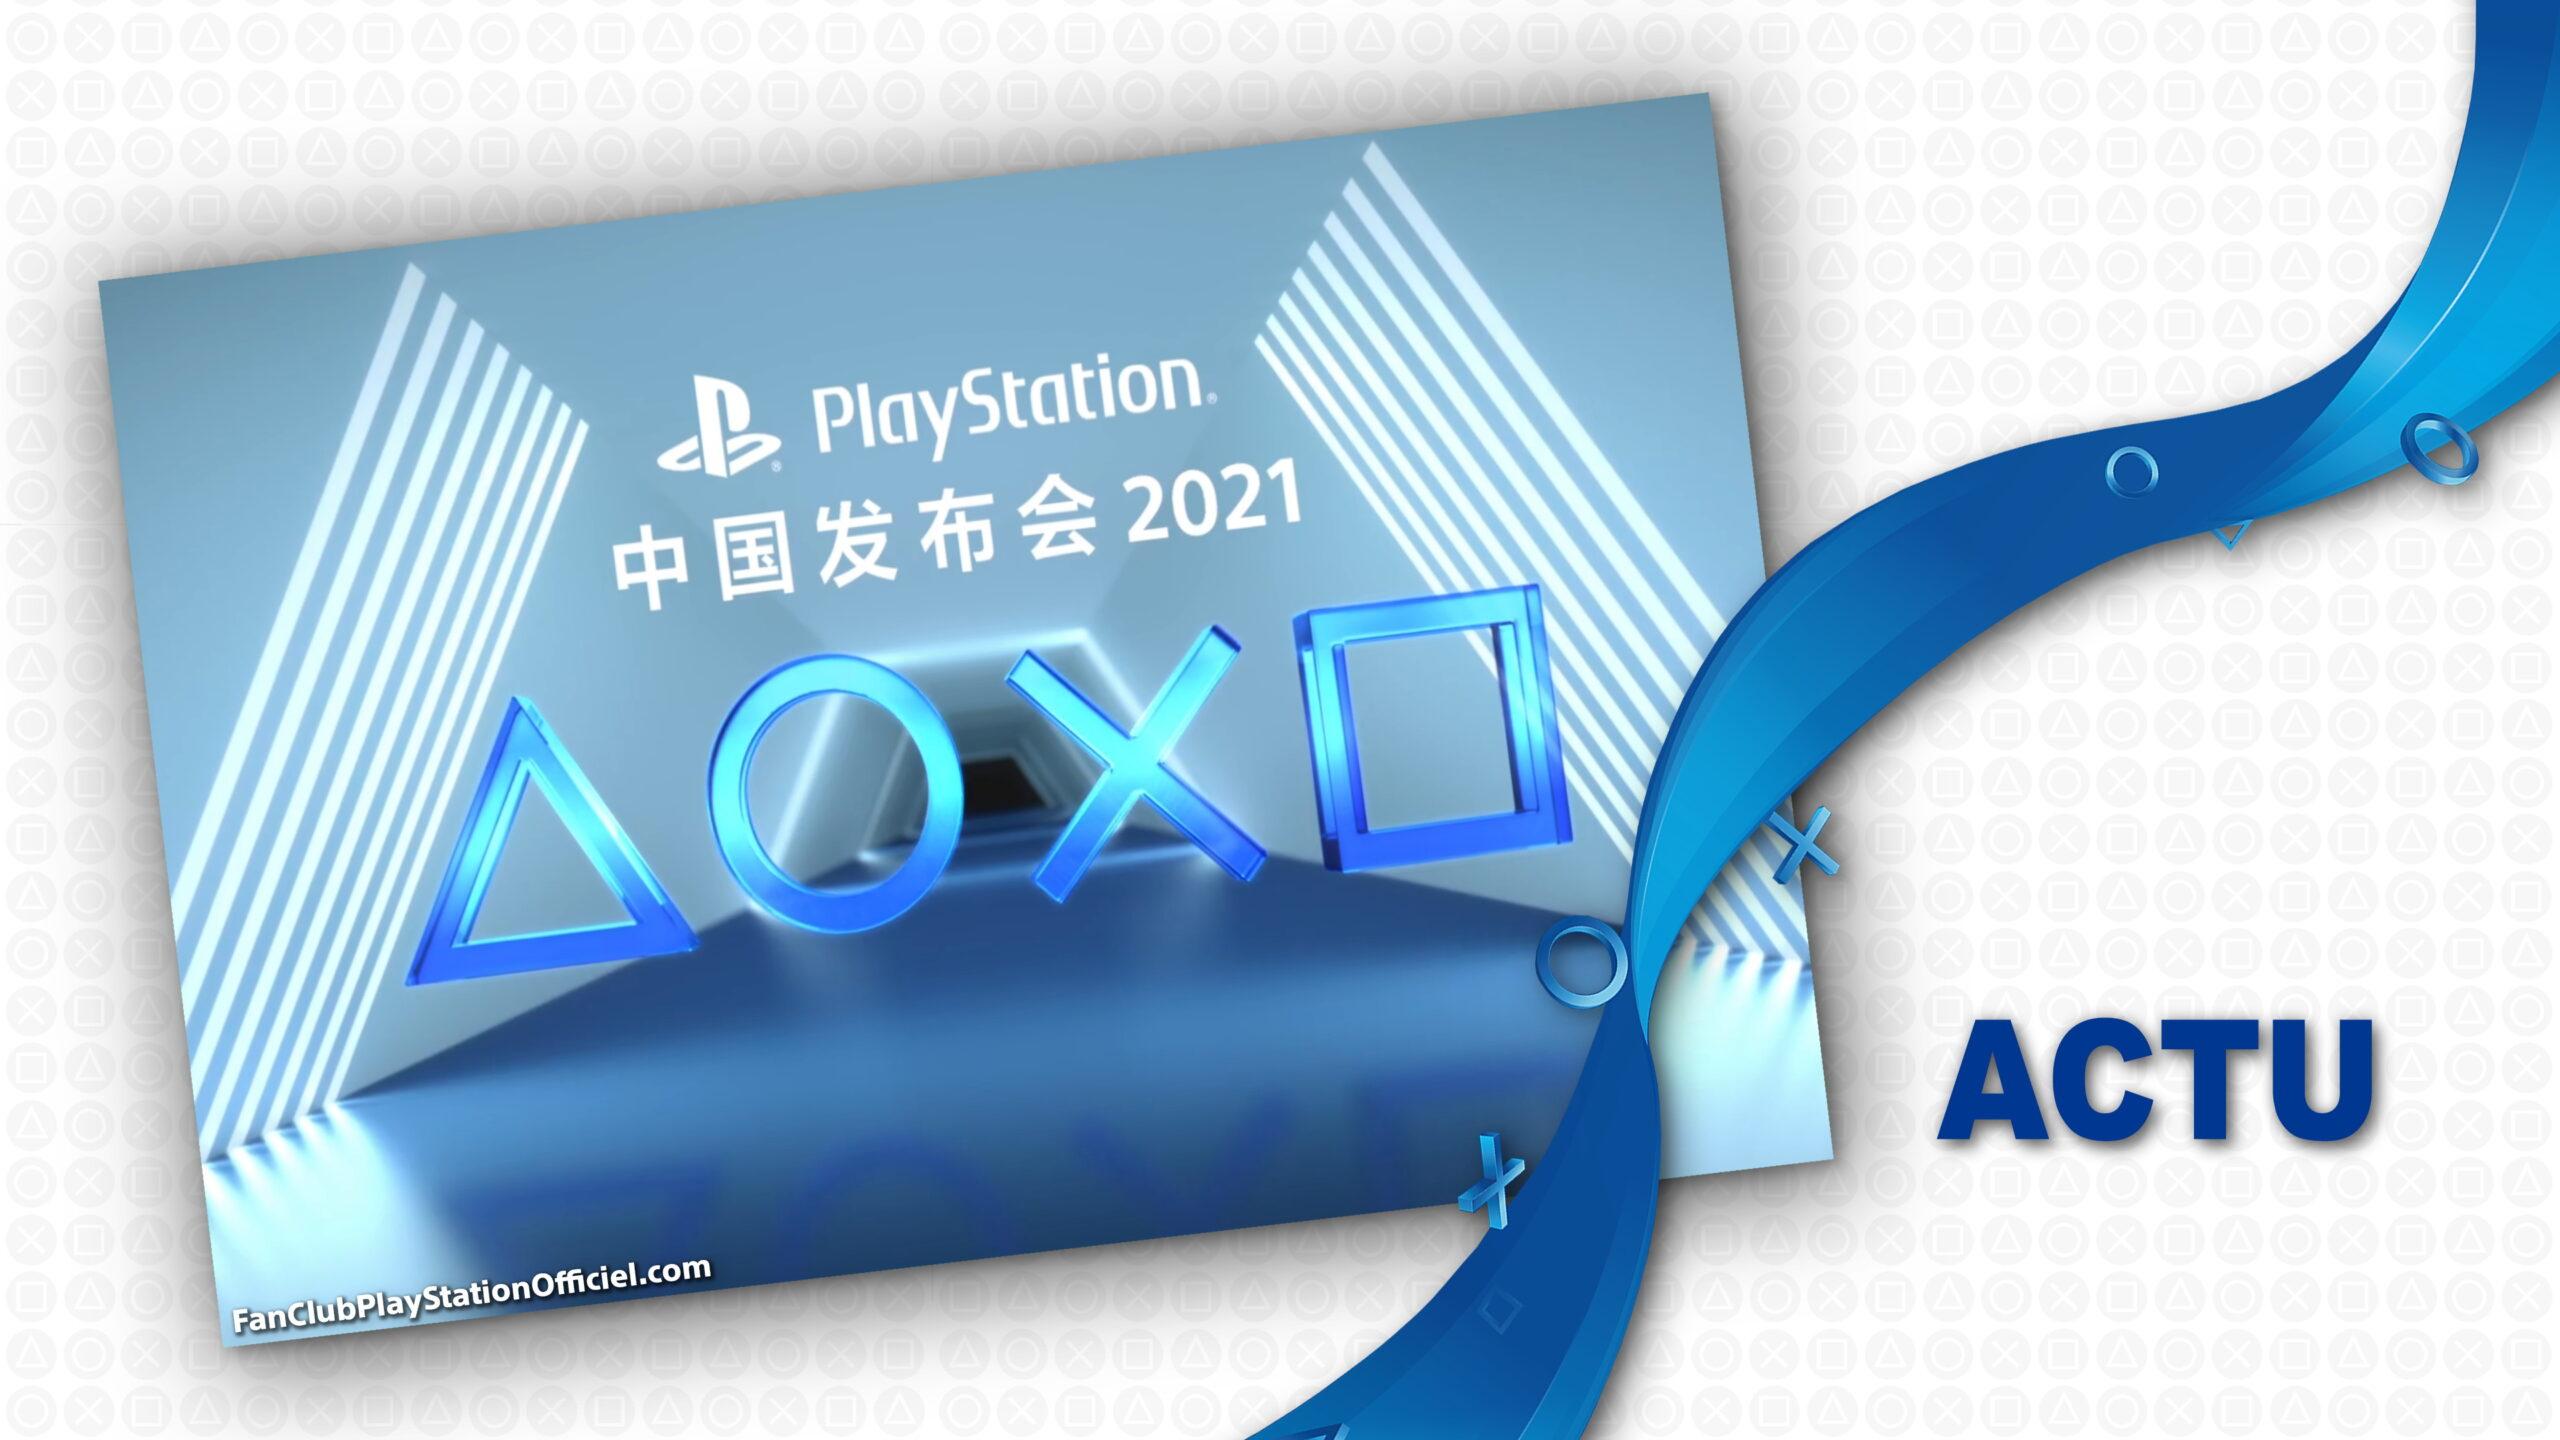 PS5 en Chine : Date, prix et jeux